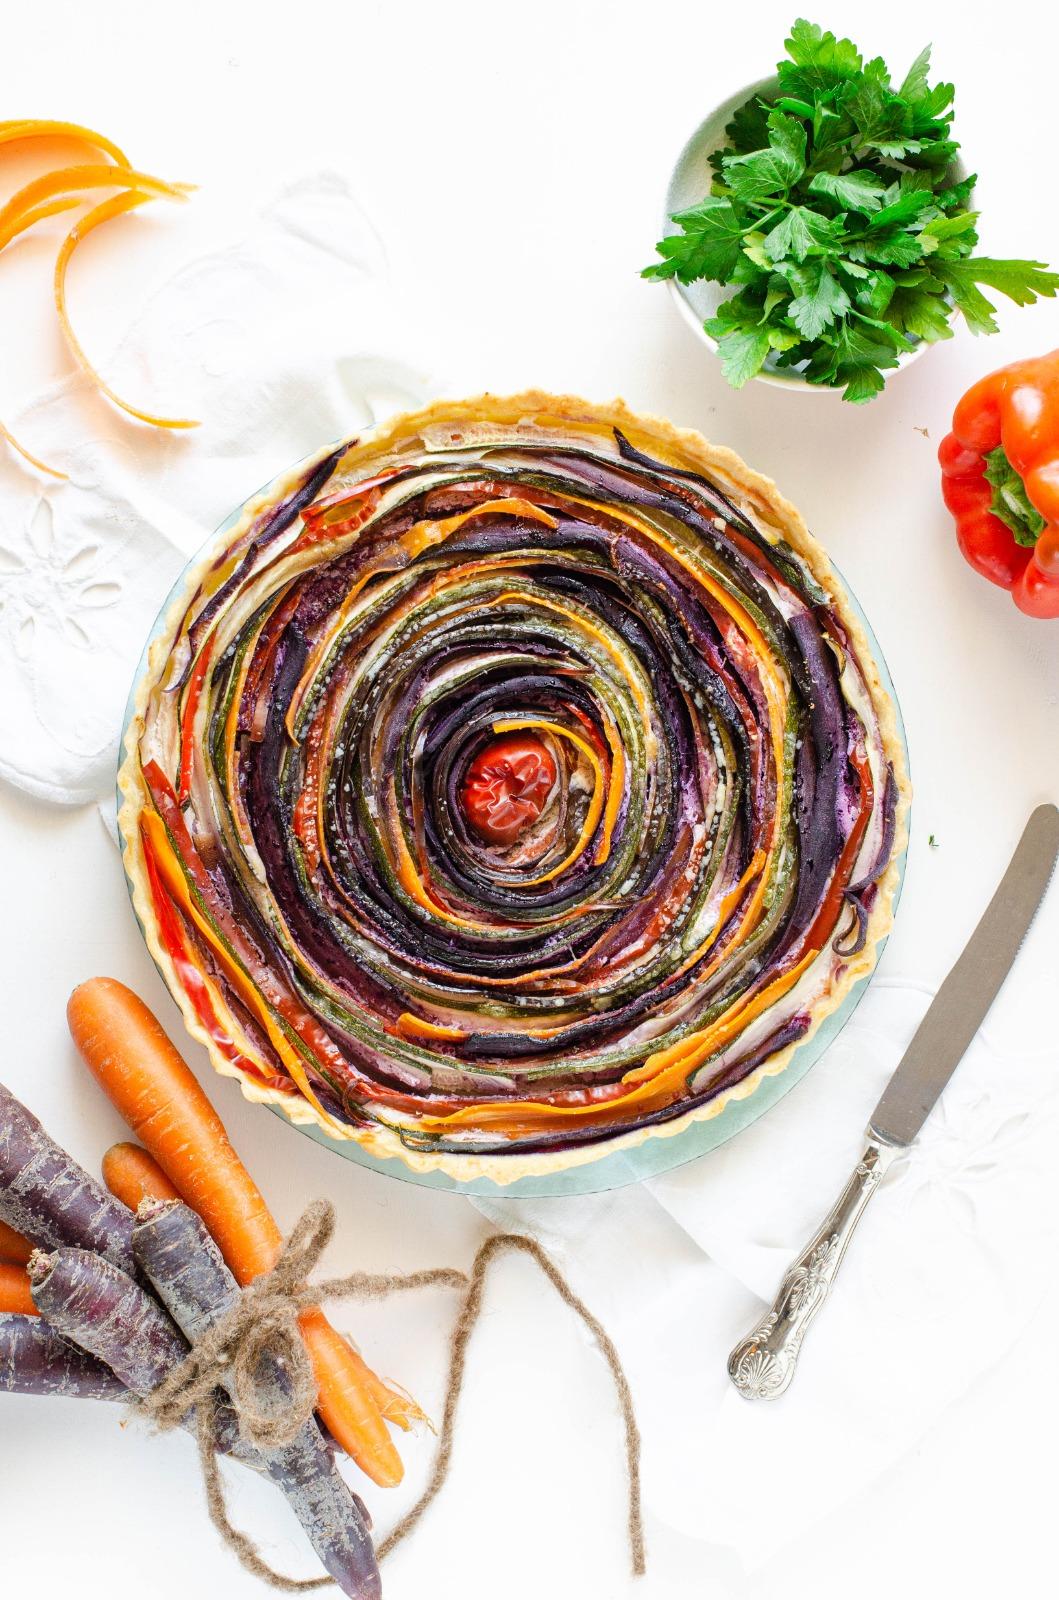 Torta salata di verdure e ortaggi di stagione a spirale